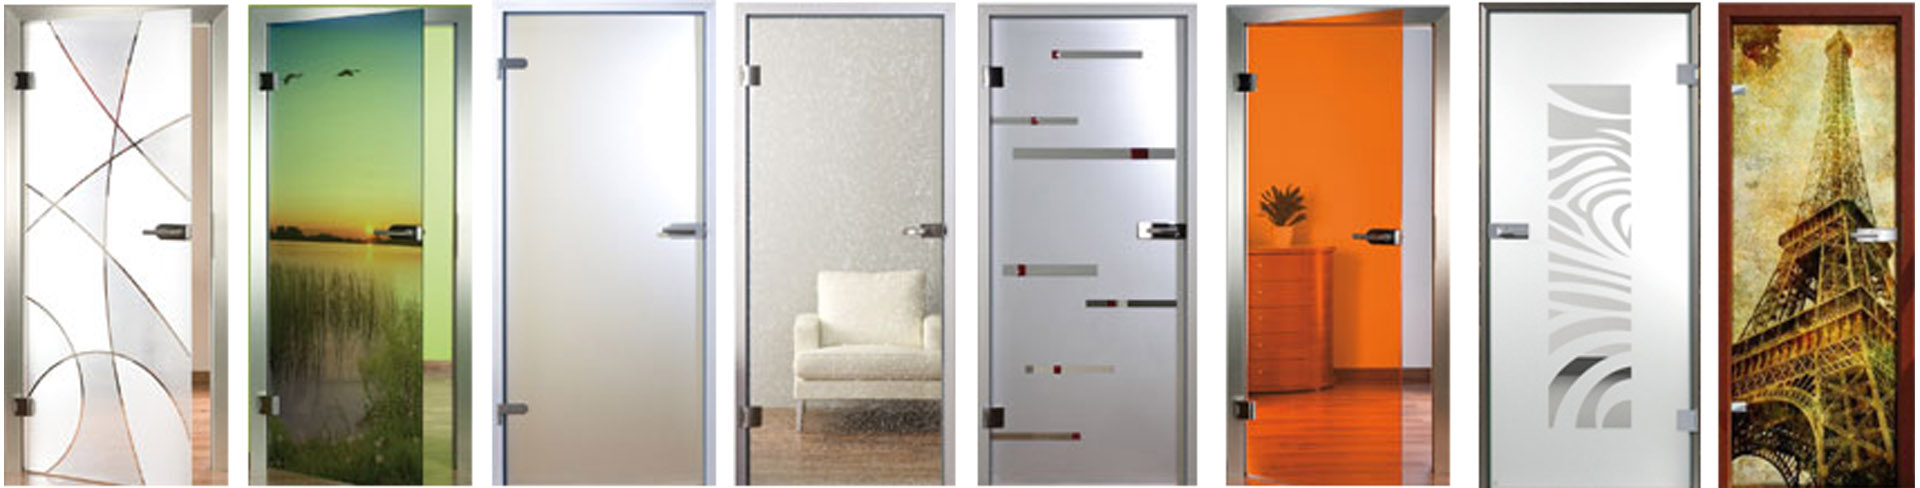 Стеклянные двери с рисунками